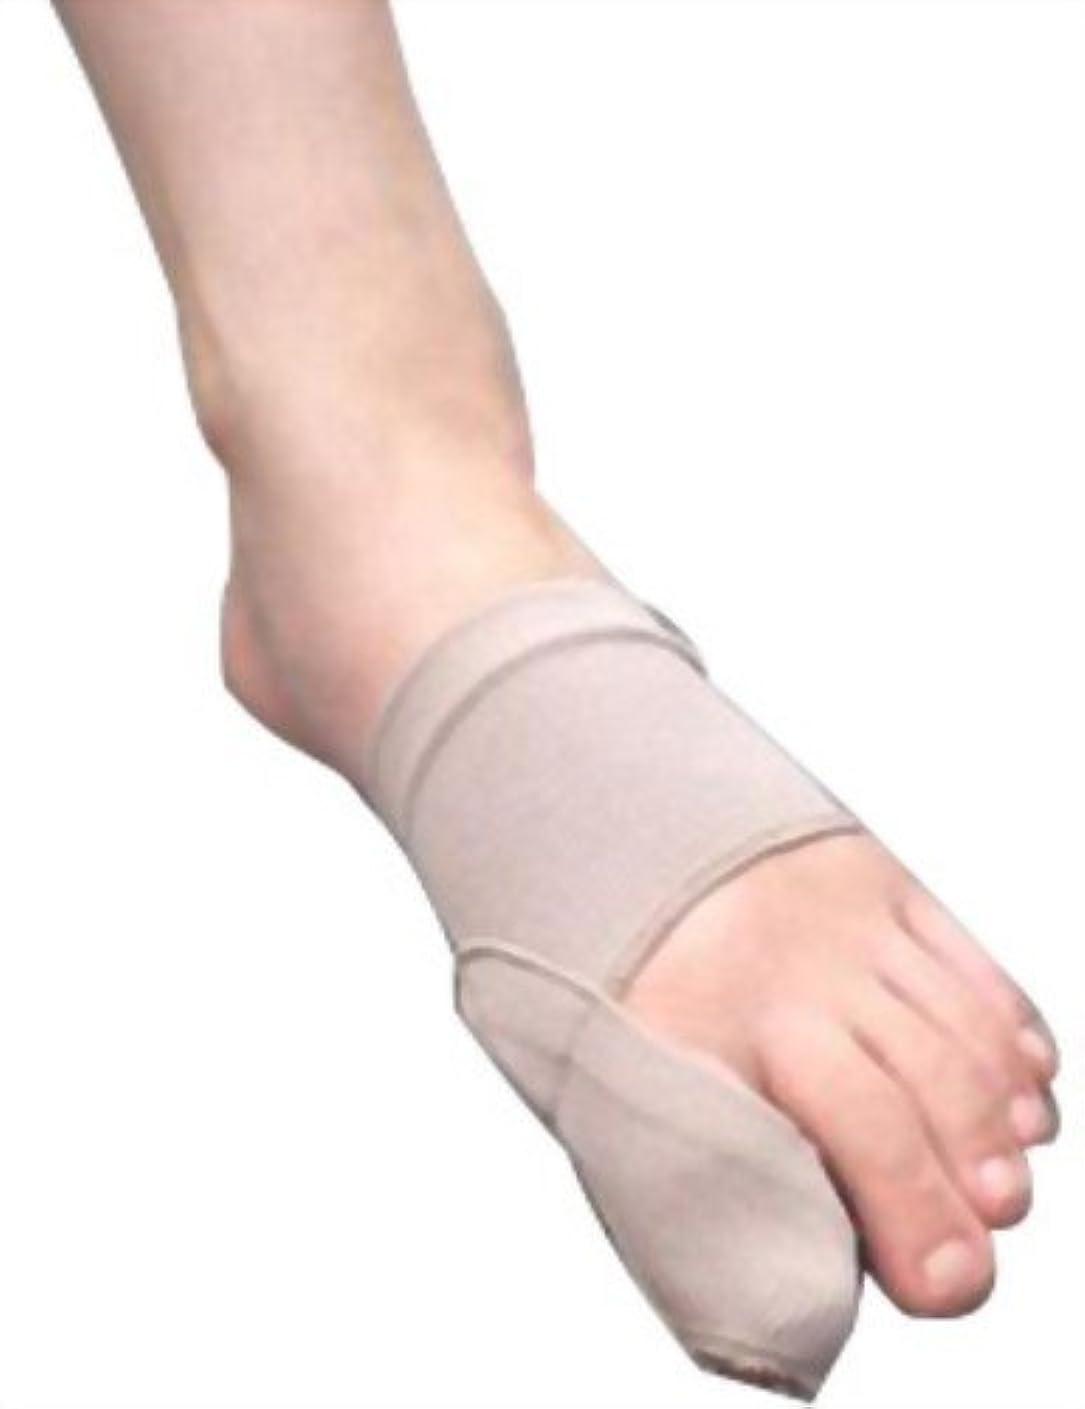 わがまま内側バイナリ富士パックス販売 「 外反母趾 足楽サポーター 」 左右兼用 1枚入り ハードタイプ